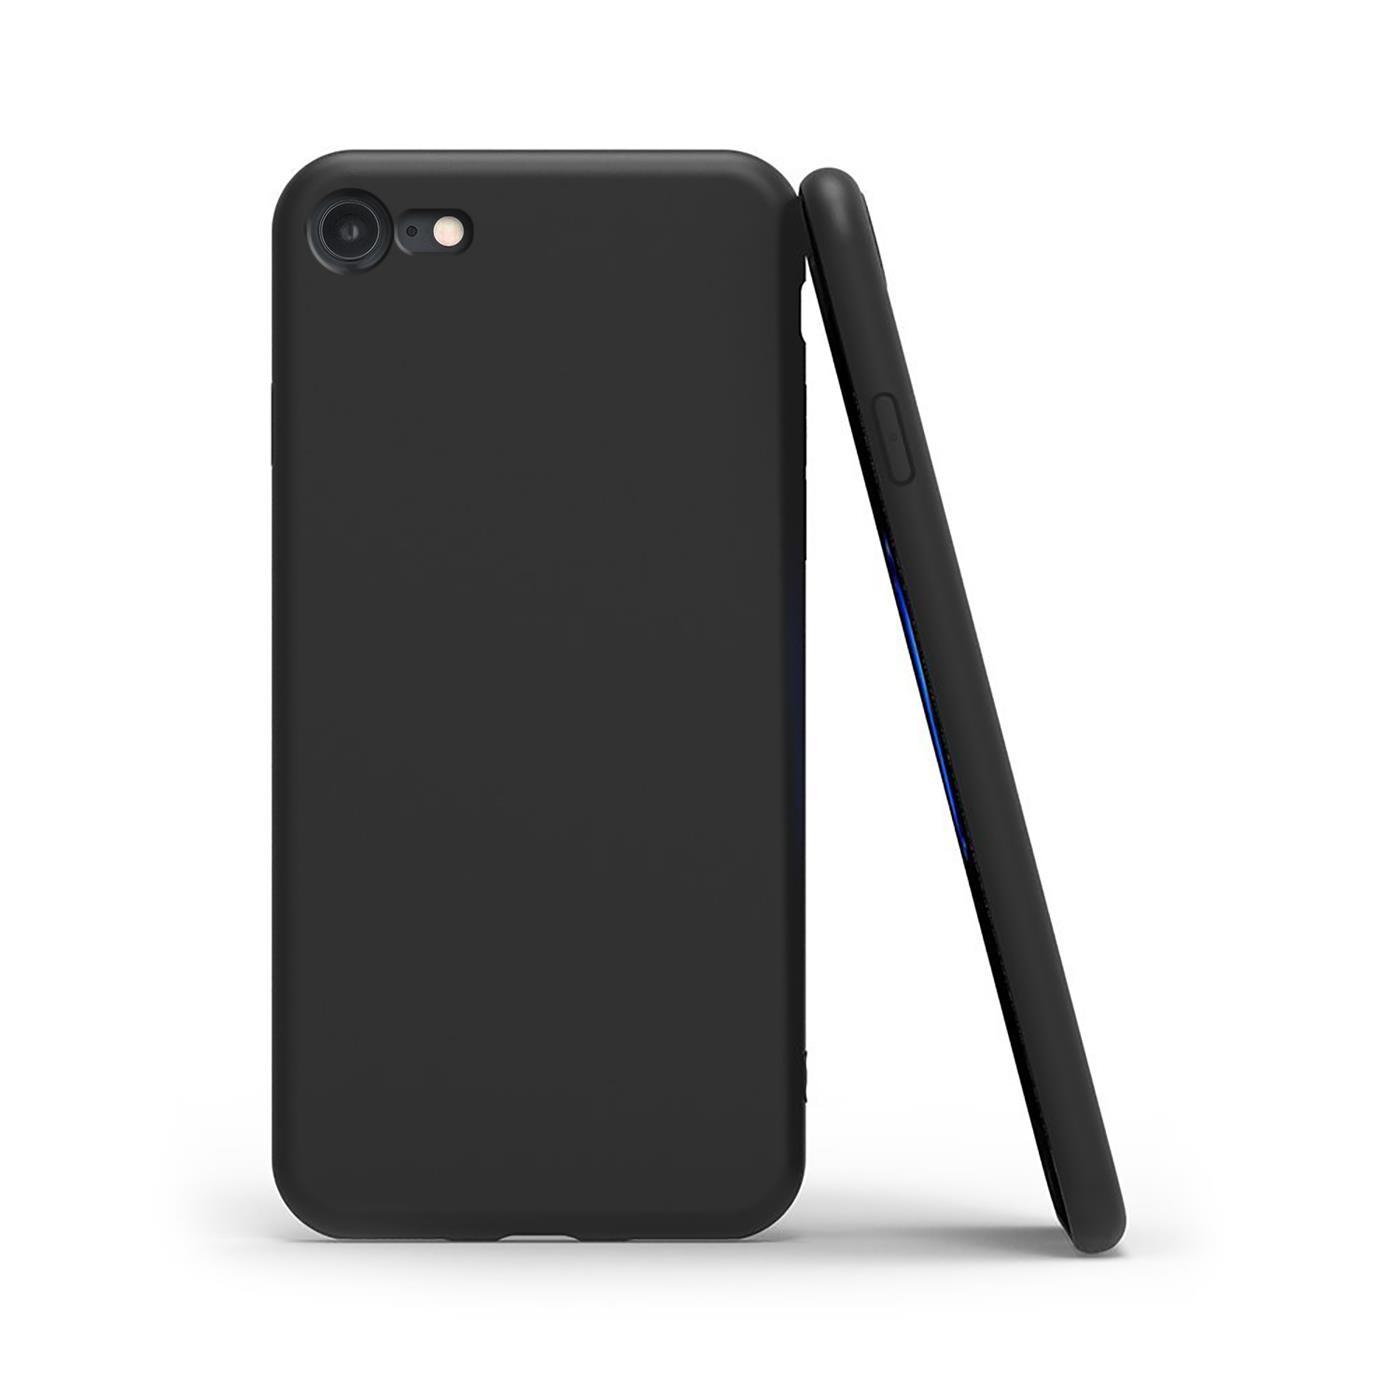 Huelle-iPhone-7-iPhone-8-Schutzhuelle-Handy-Huelle-Slim-Case-Weich-Matt-Schwarz Indexbild 9